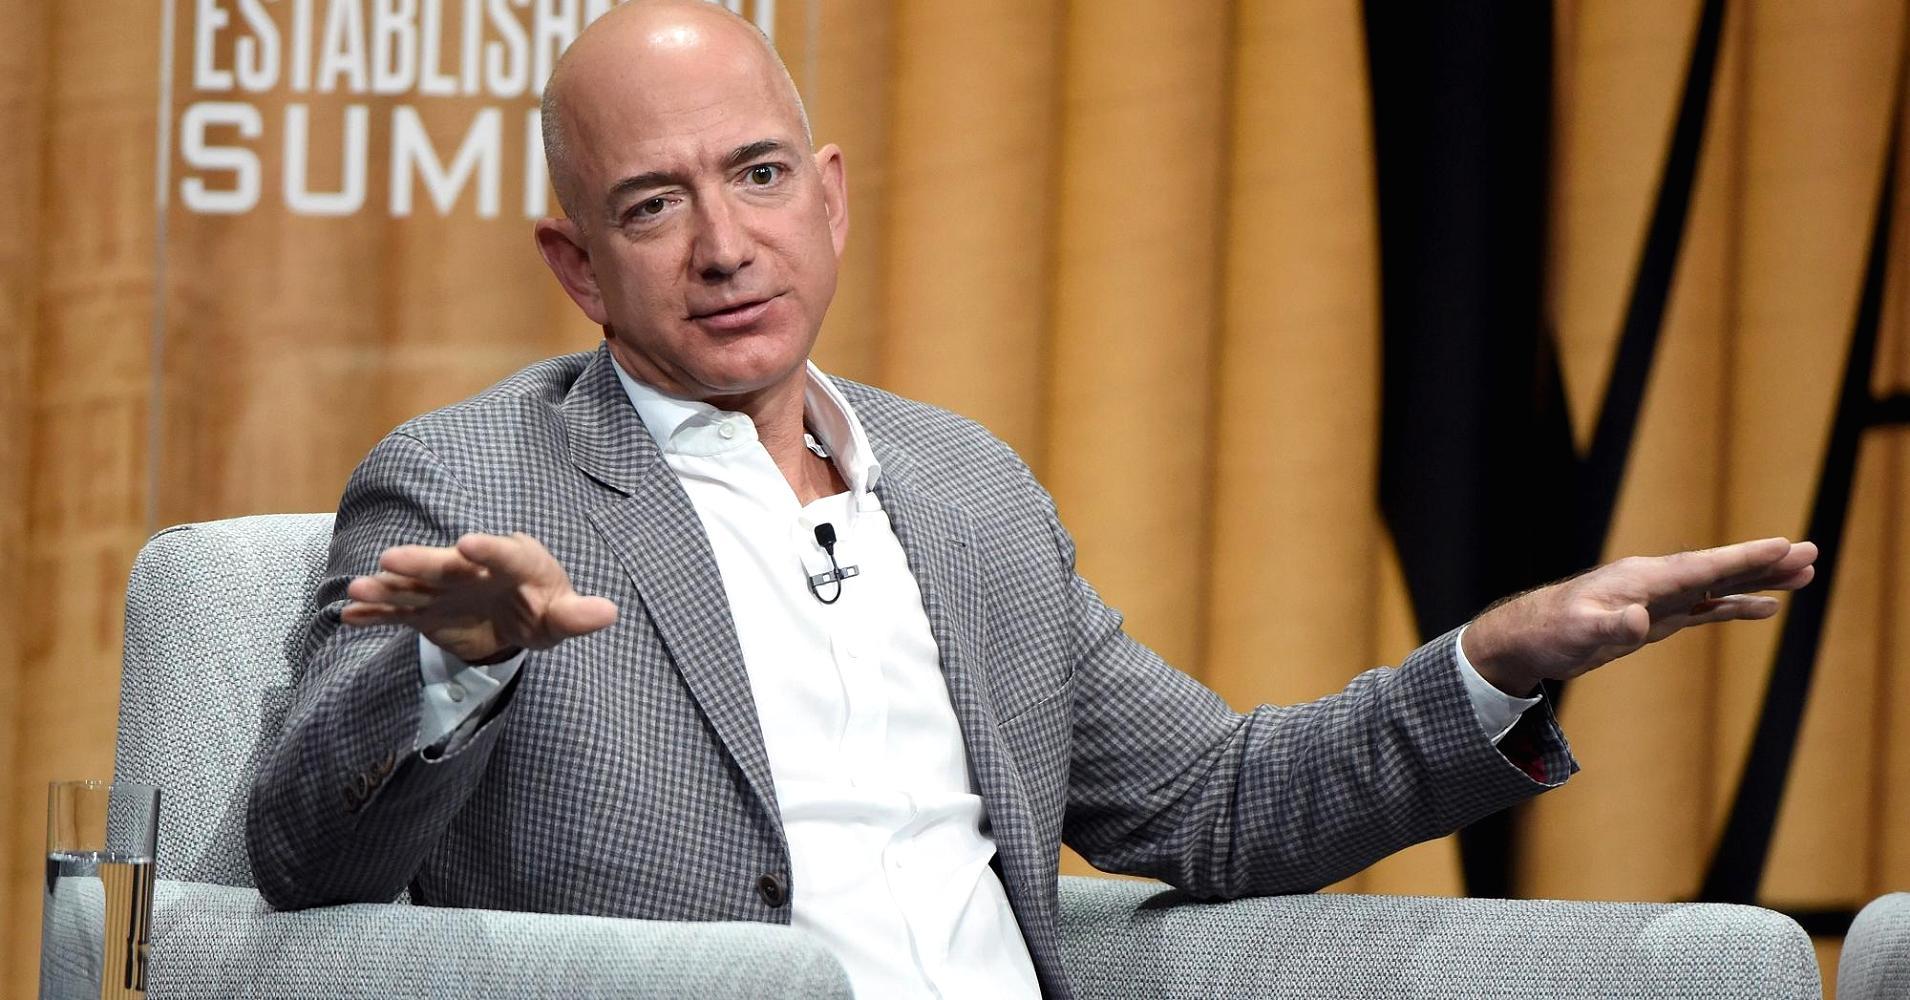 Рейтинг богатейших людей США по версии Forbes сменил лидера впервые за 24 года